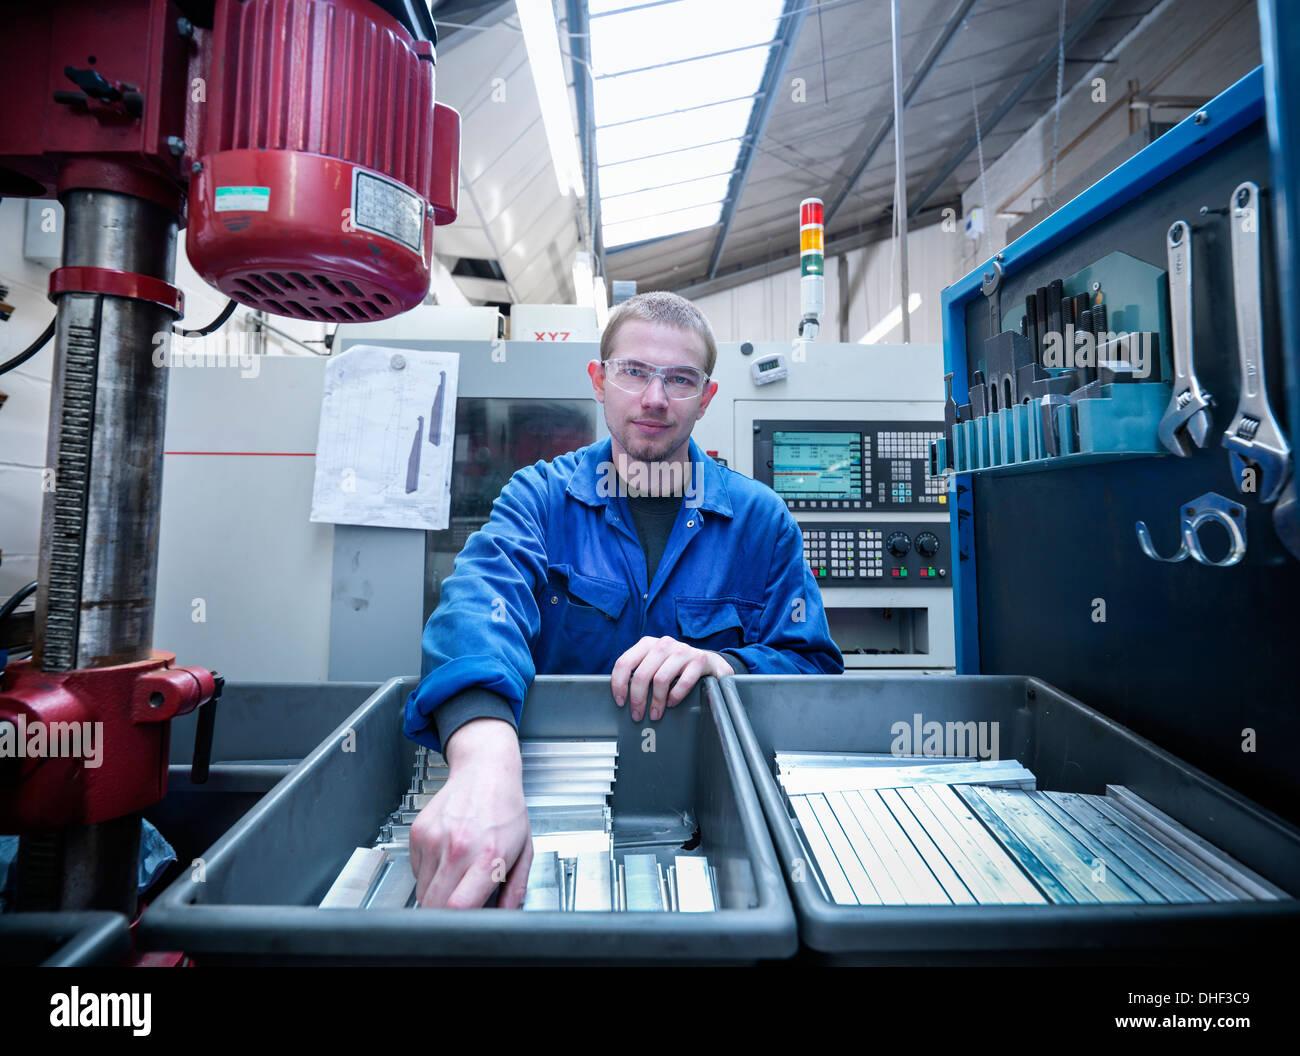 Apprendista ingegnere con componenti in fabbrica, ritratto Immagini Stock